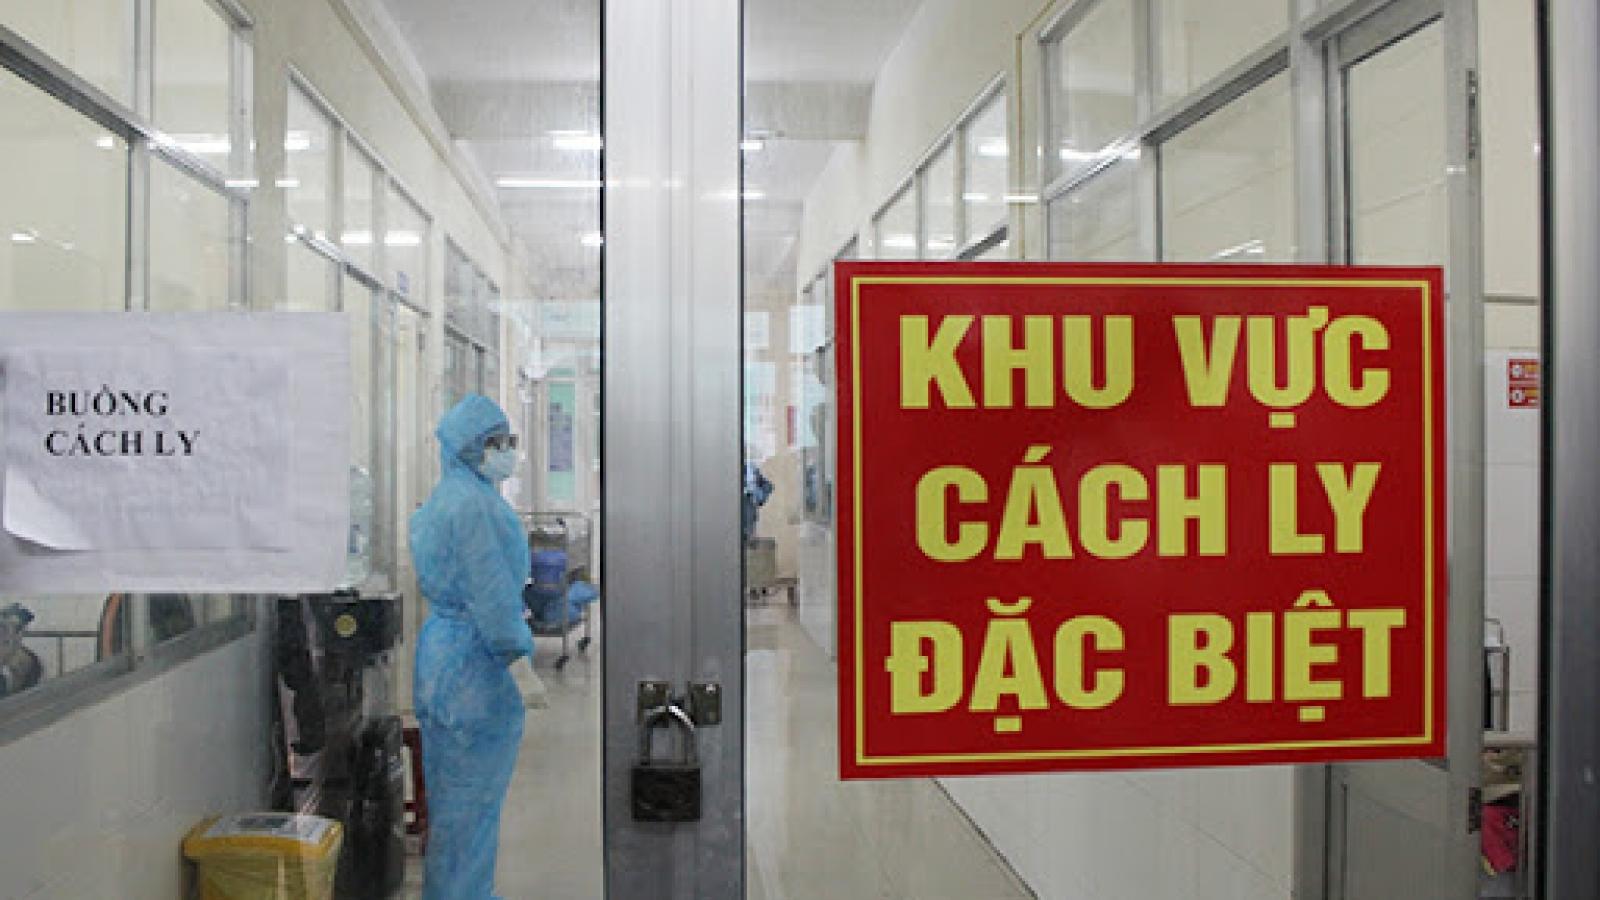 Trước khi phát hiện mắc Covid-19, BN974 đi dự 2 đám hiếu hỷ ở Đà Nẵng